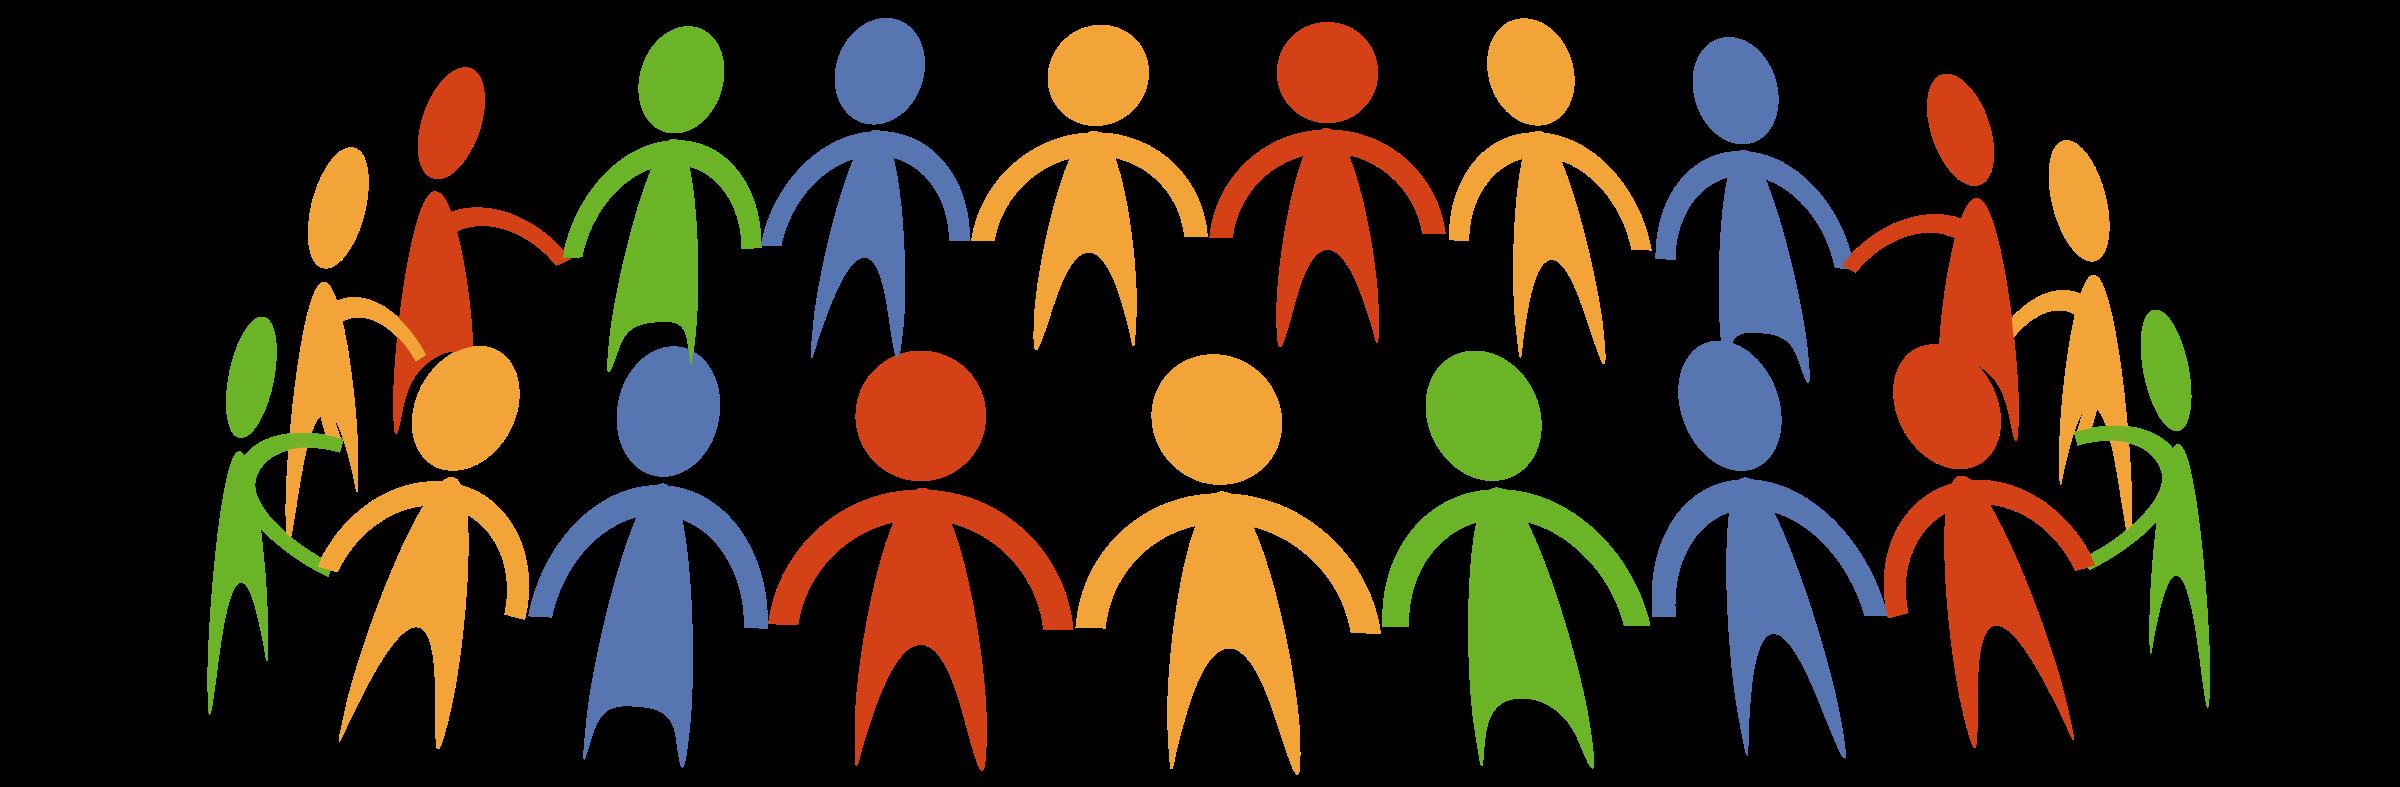 classroom community clipart #8